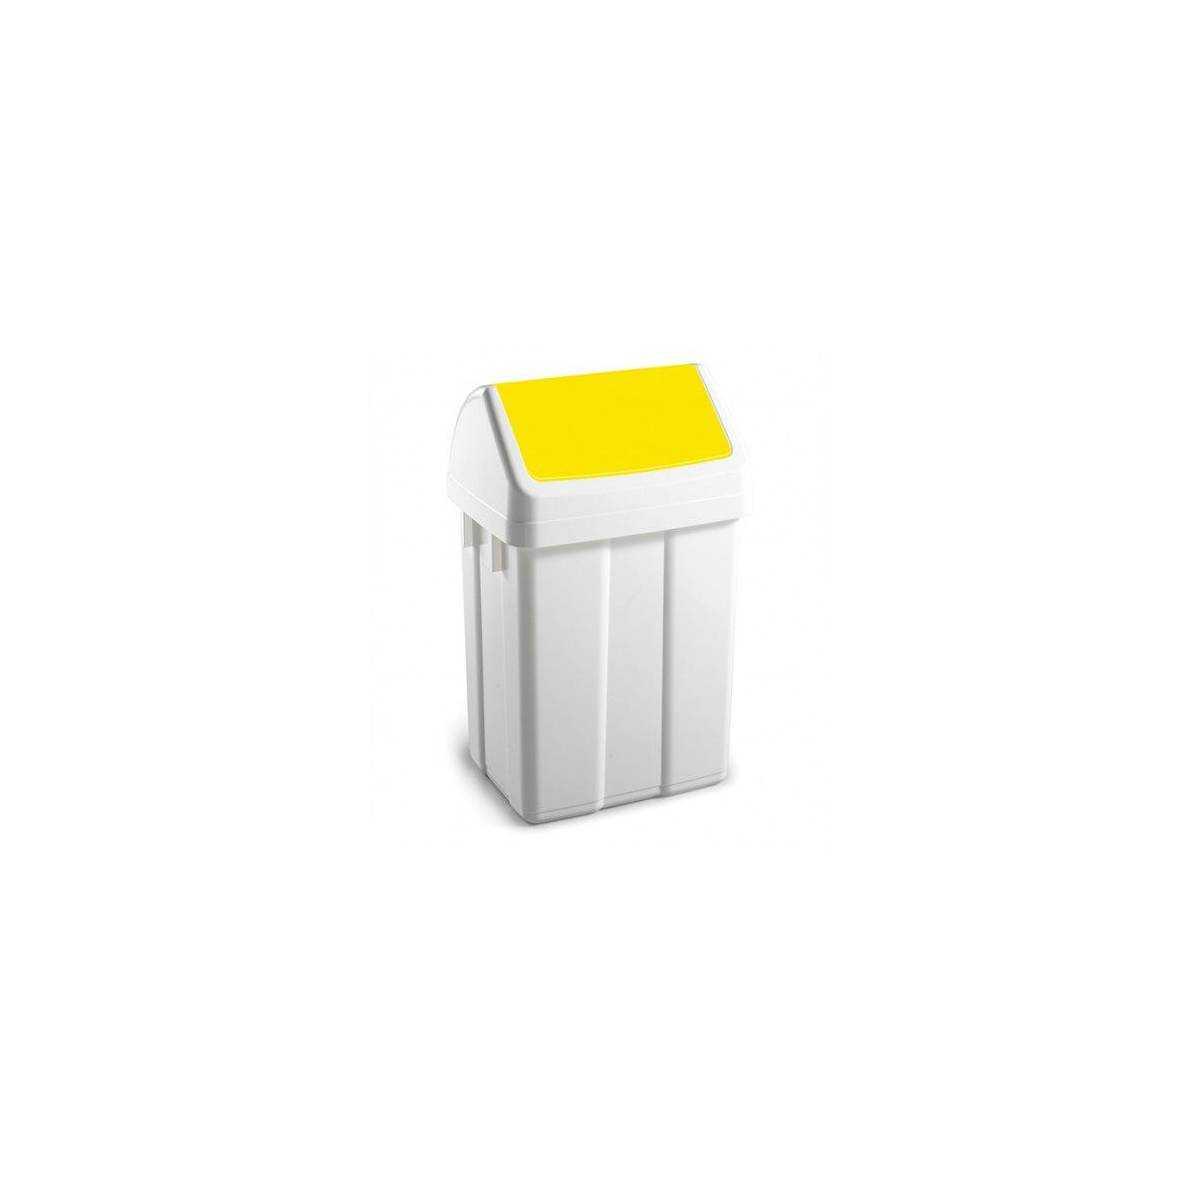 Урна для мусора с поворотной крышкой 25л MAXI 00005203 TTS